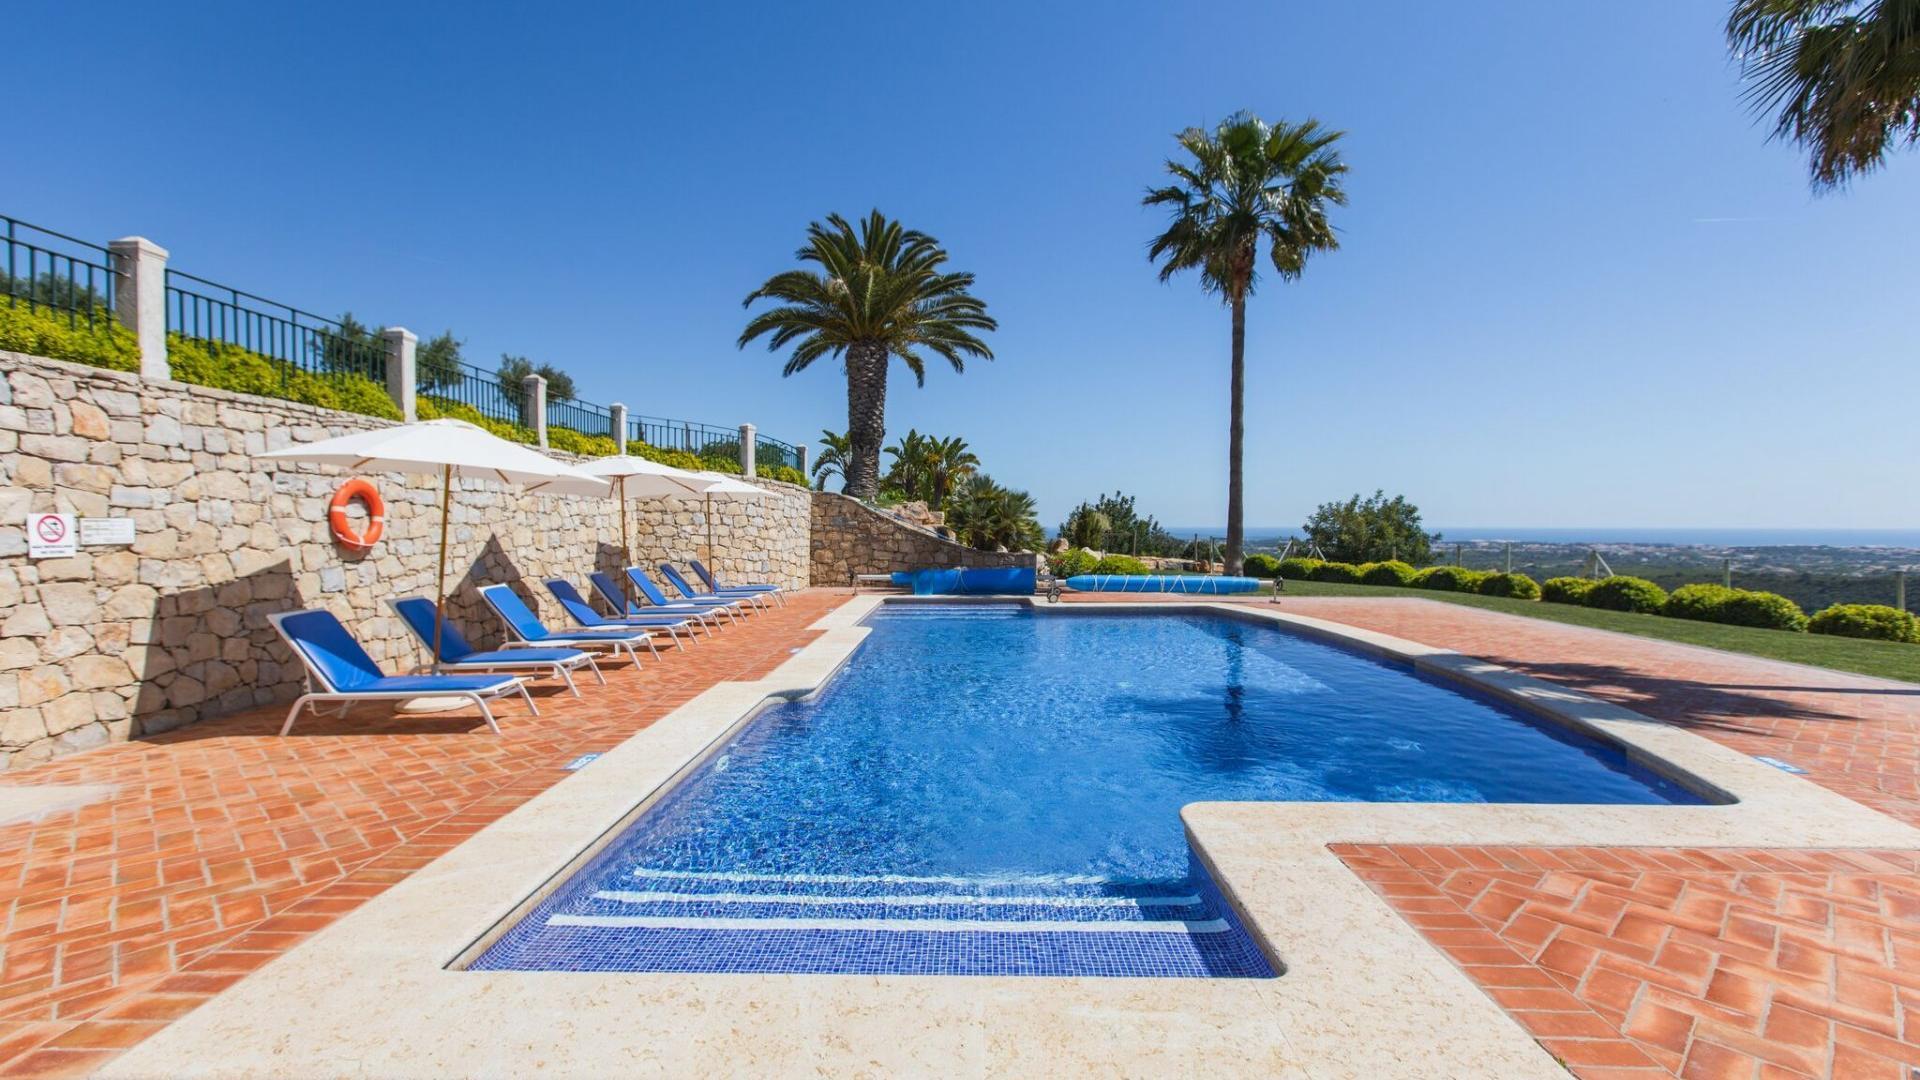 Villa Visão - Boliqueime, Algarve - RhHX3Zxx.jpg